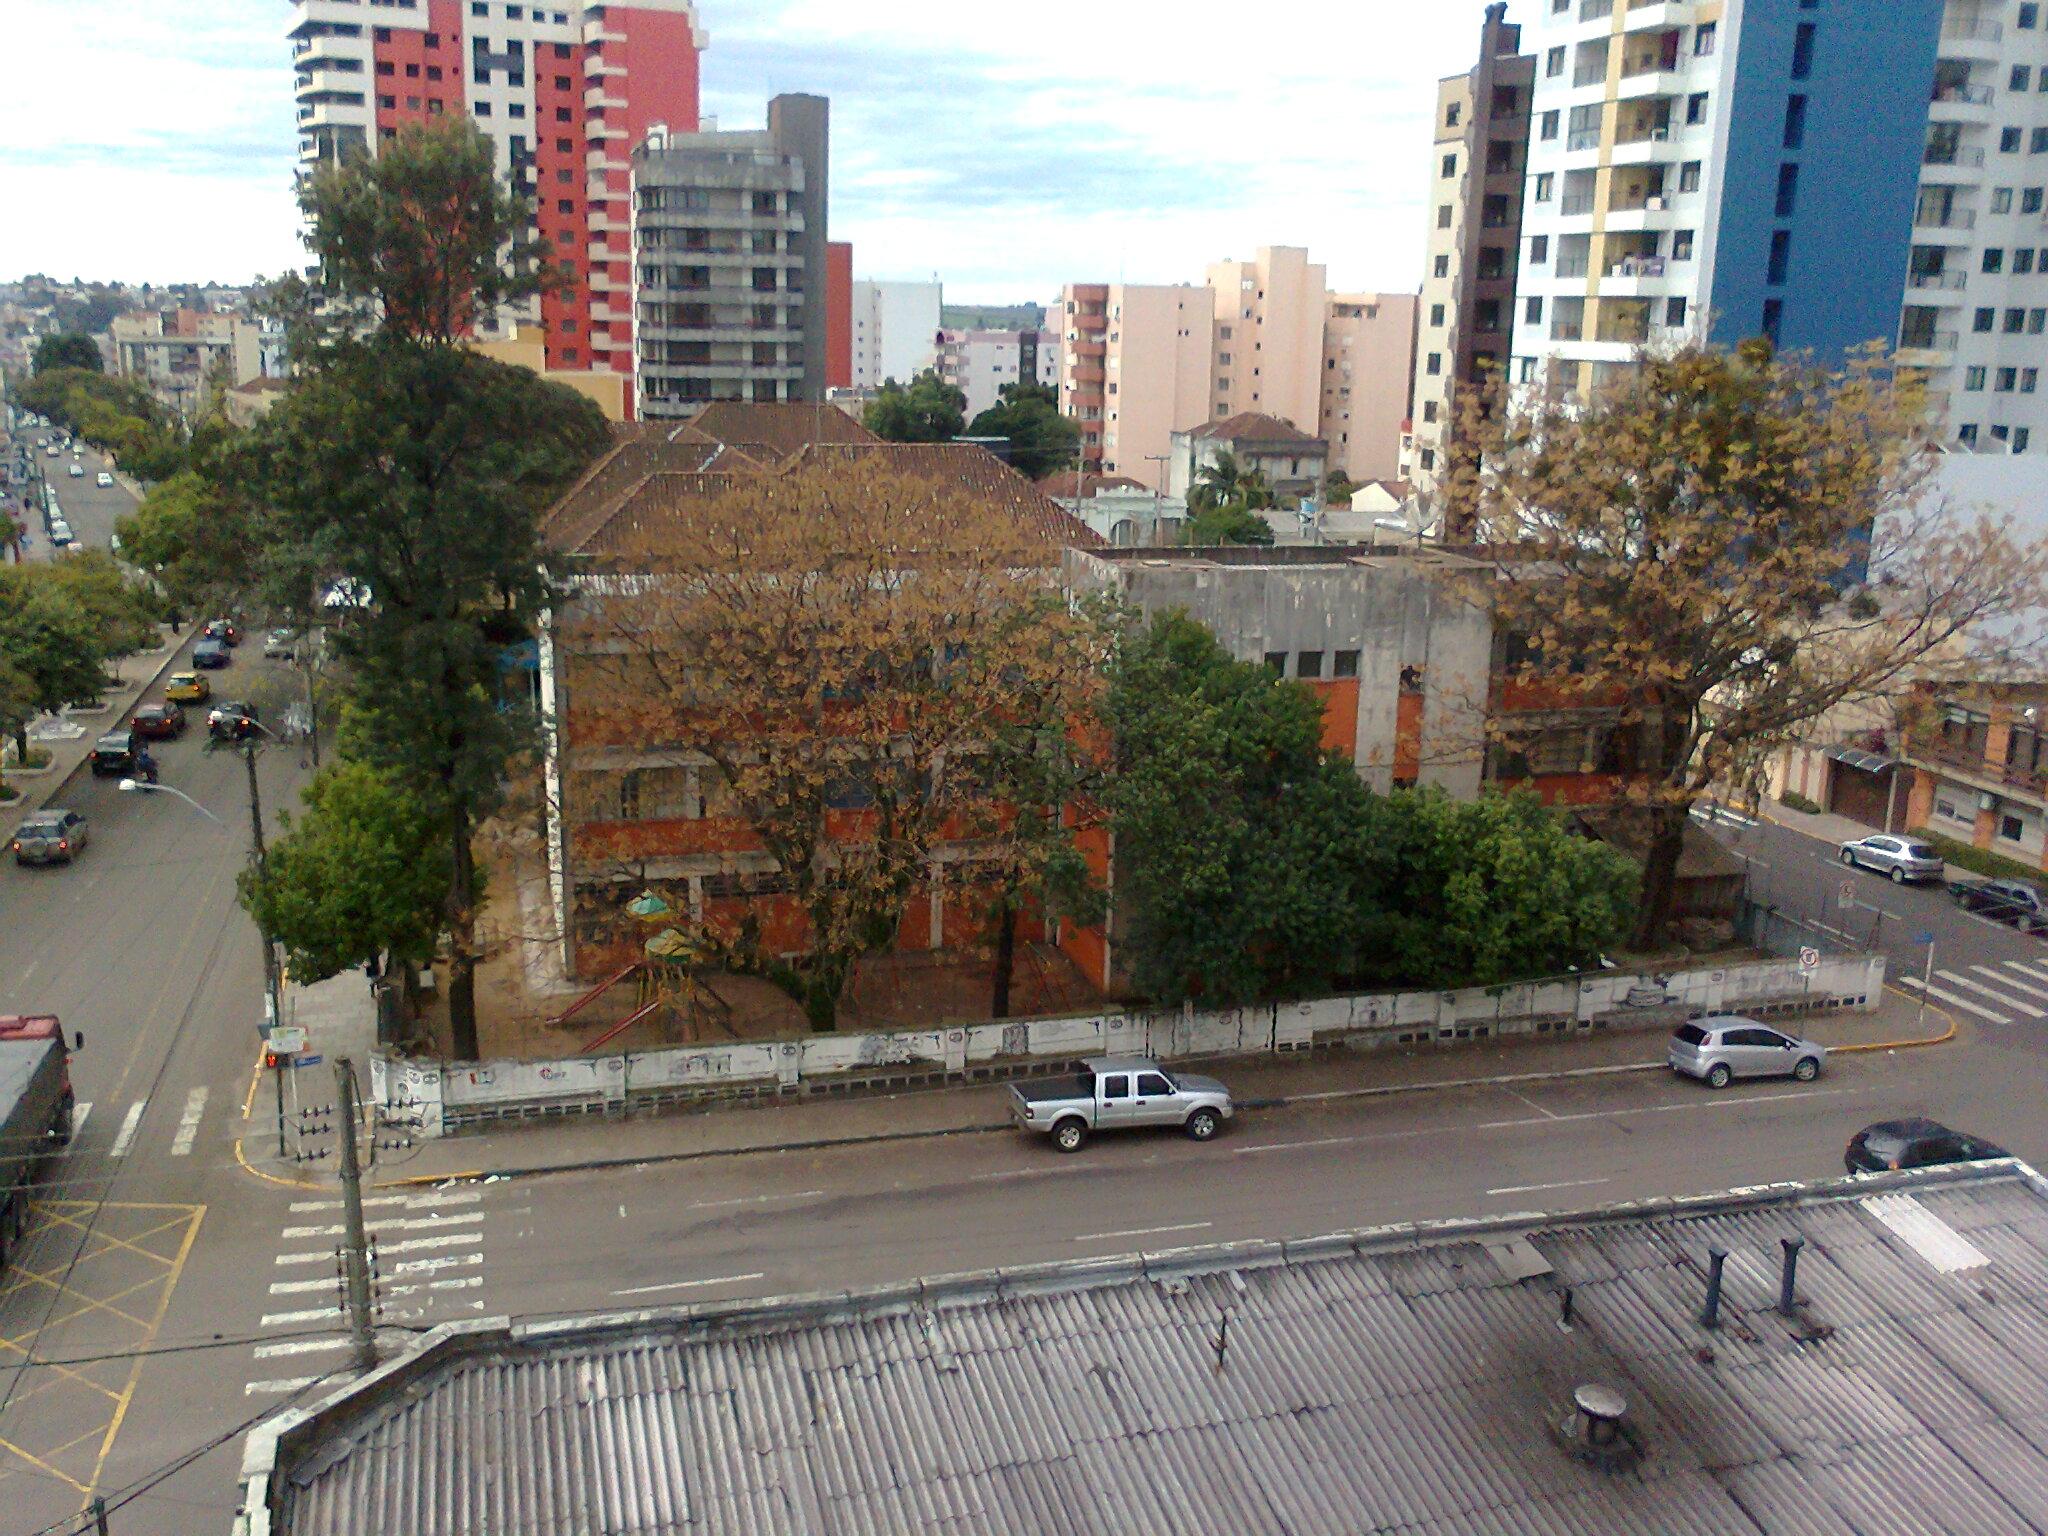 Protásio Alves Rio Grande do Sul fonte: upload.wikimedia.org